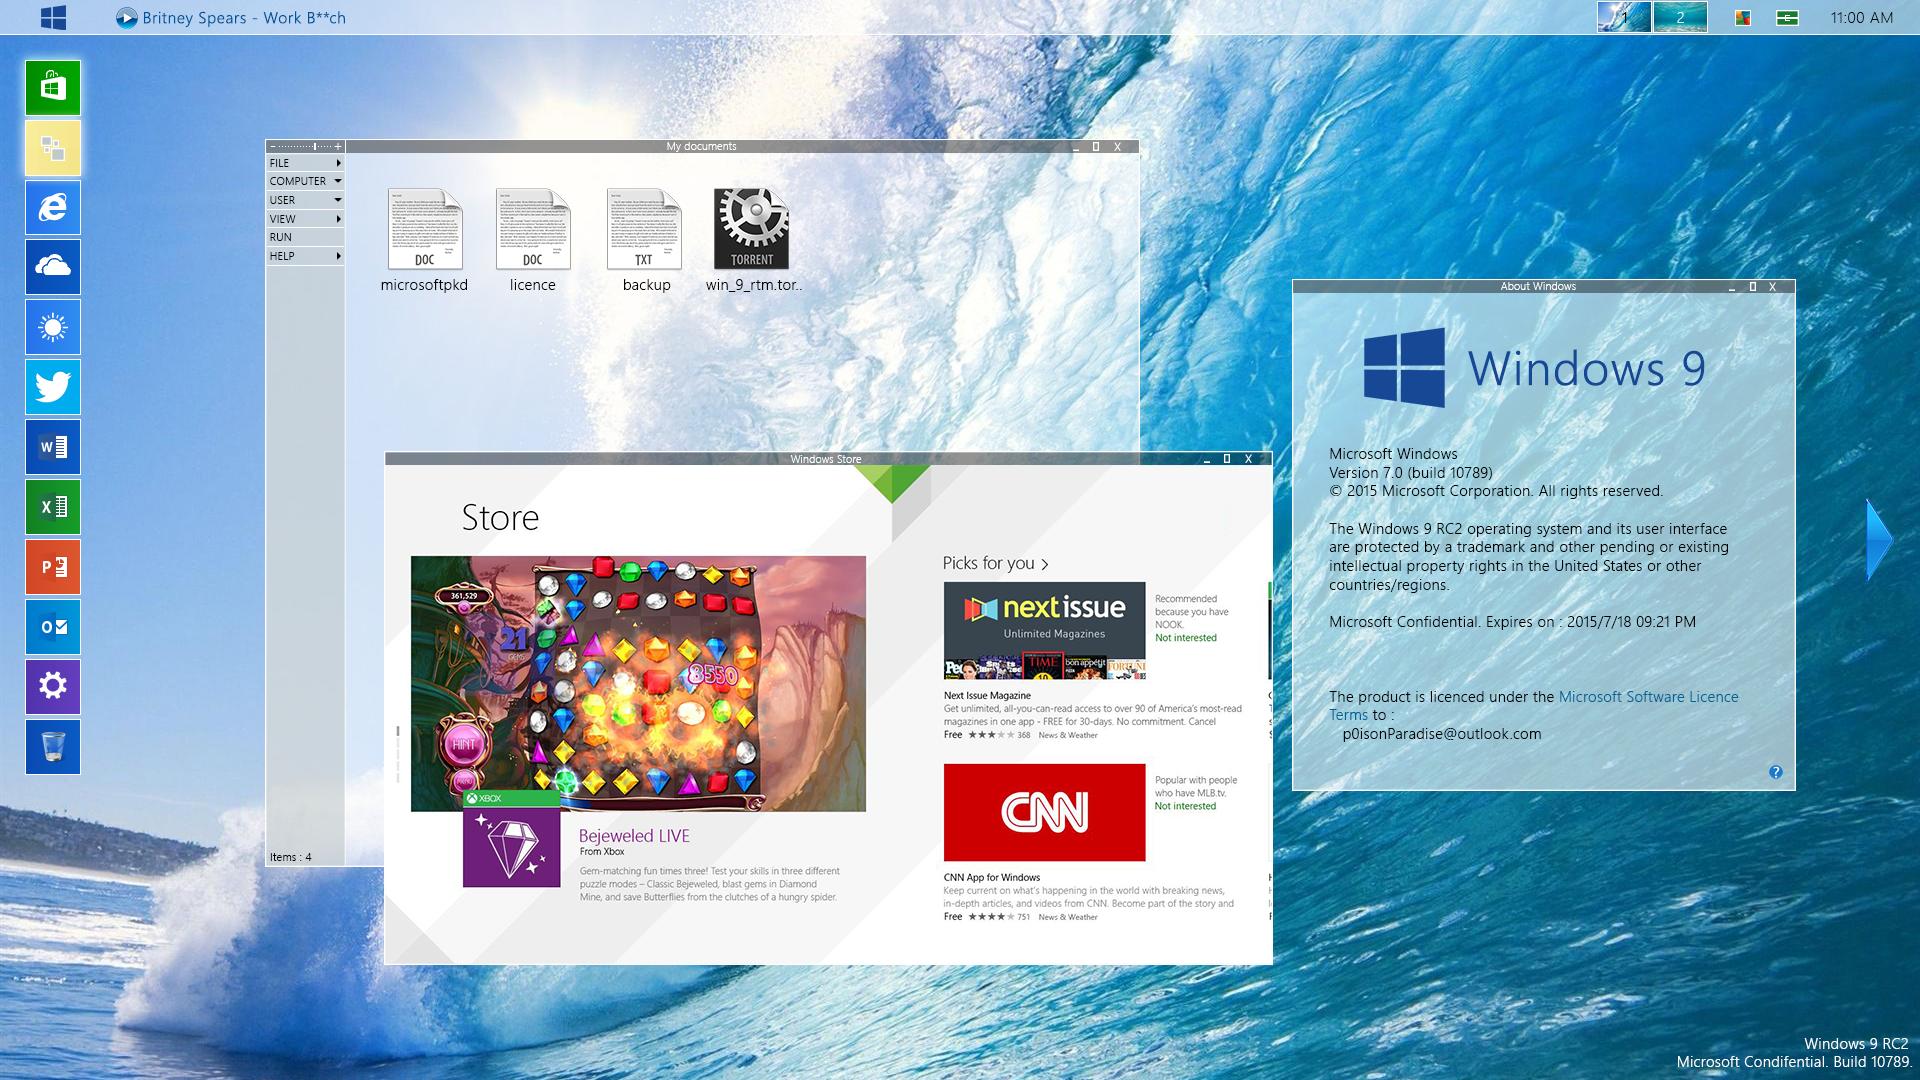 [Design] Windows 9 RC2